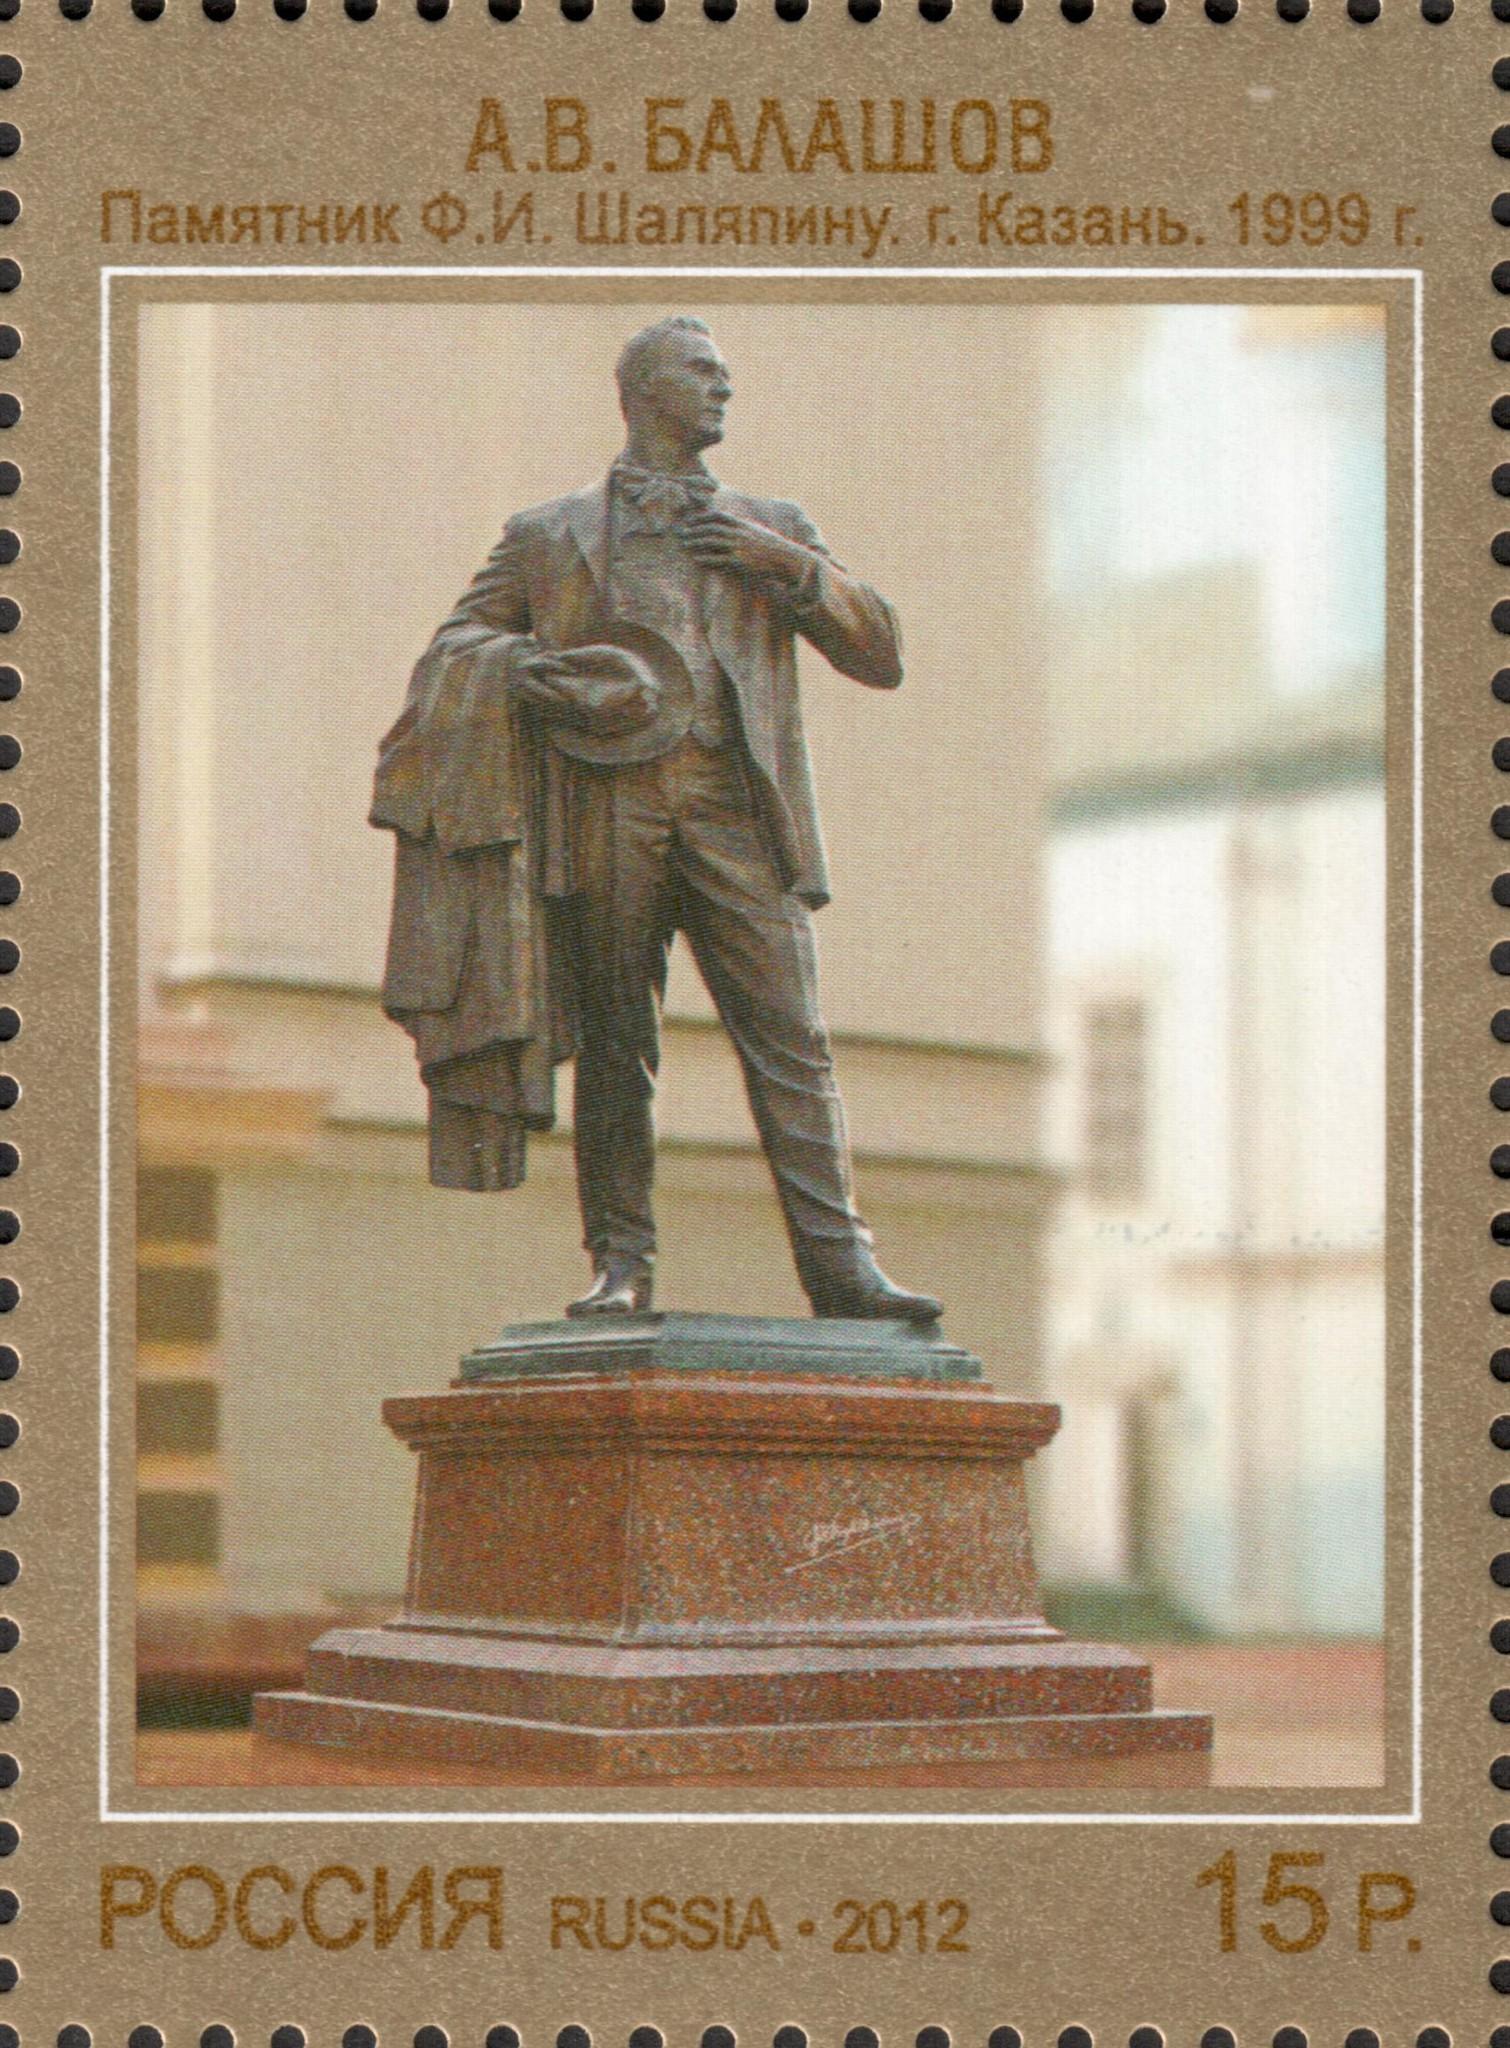 Памятник Ф.И. Шаляпину. г. Казань. 1999 г.